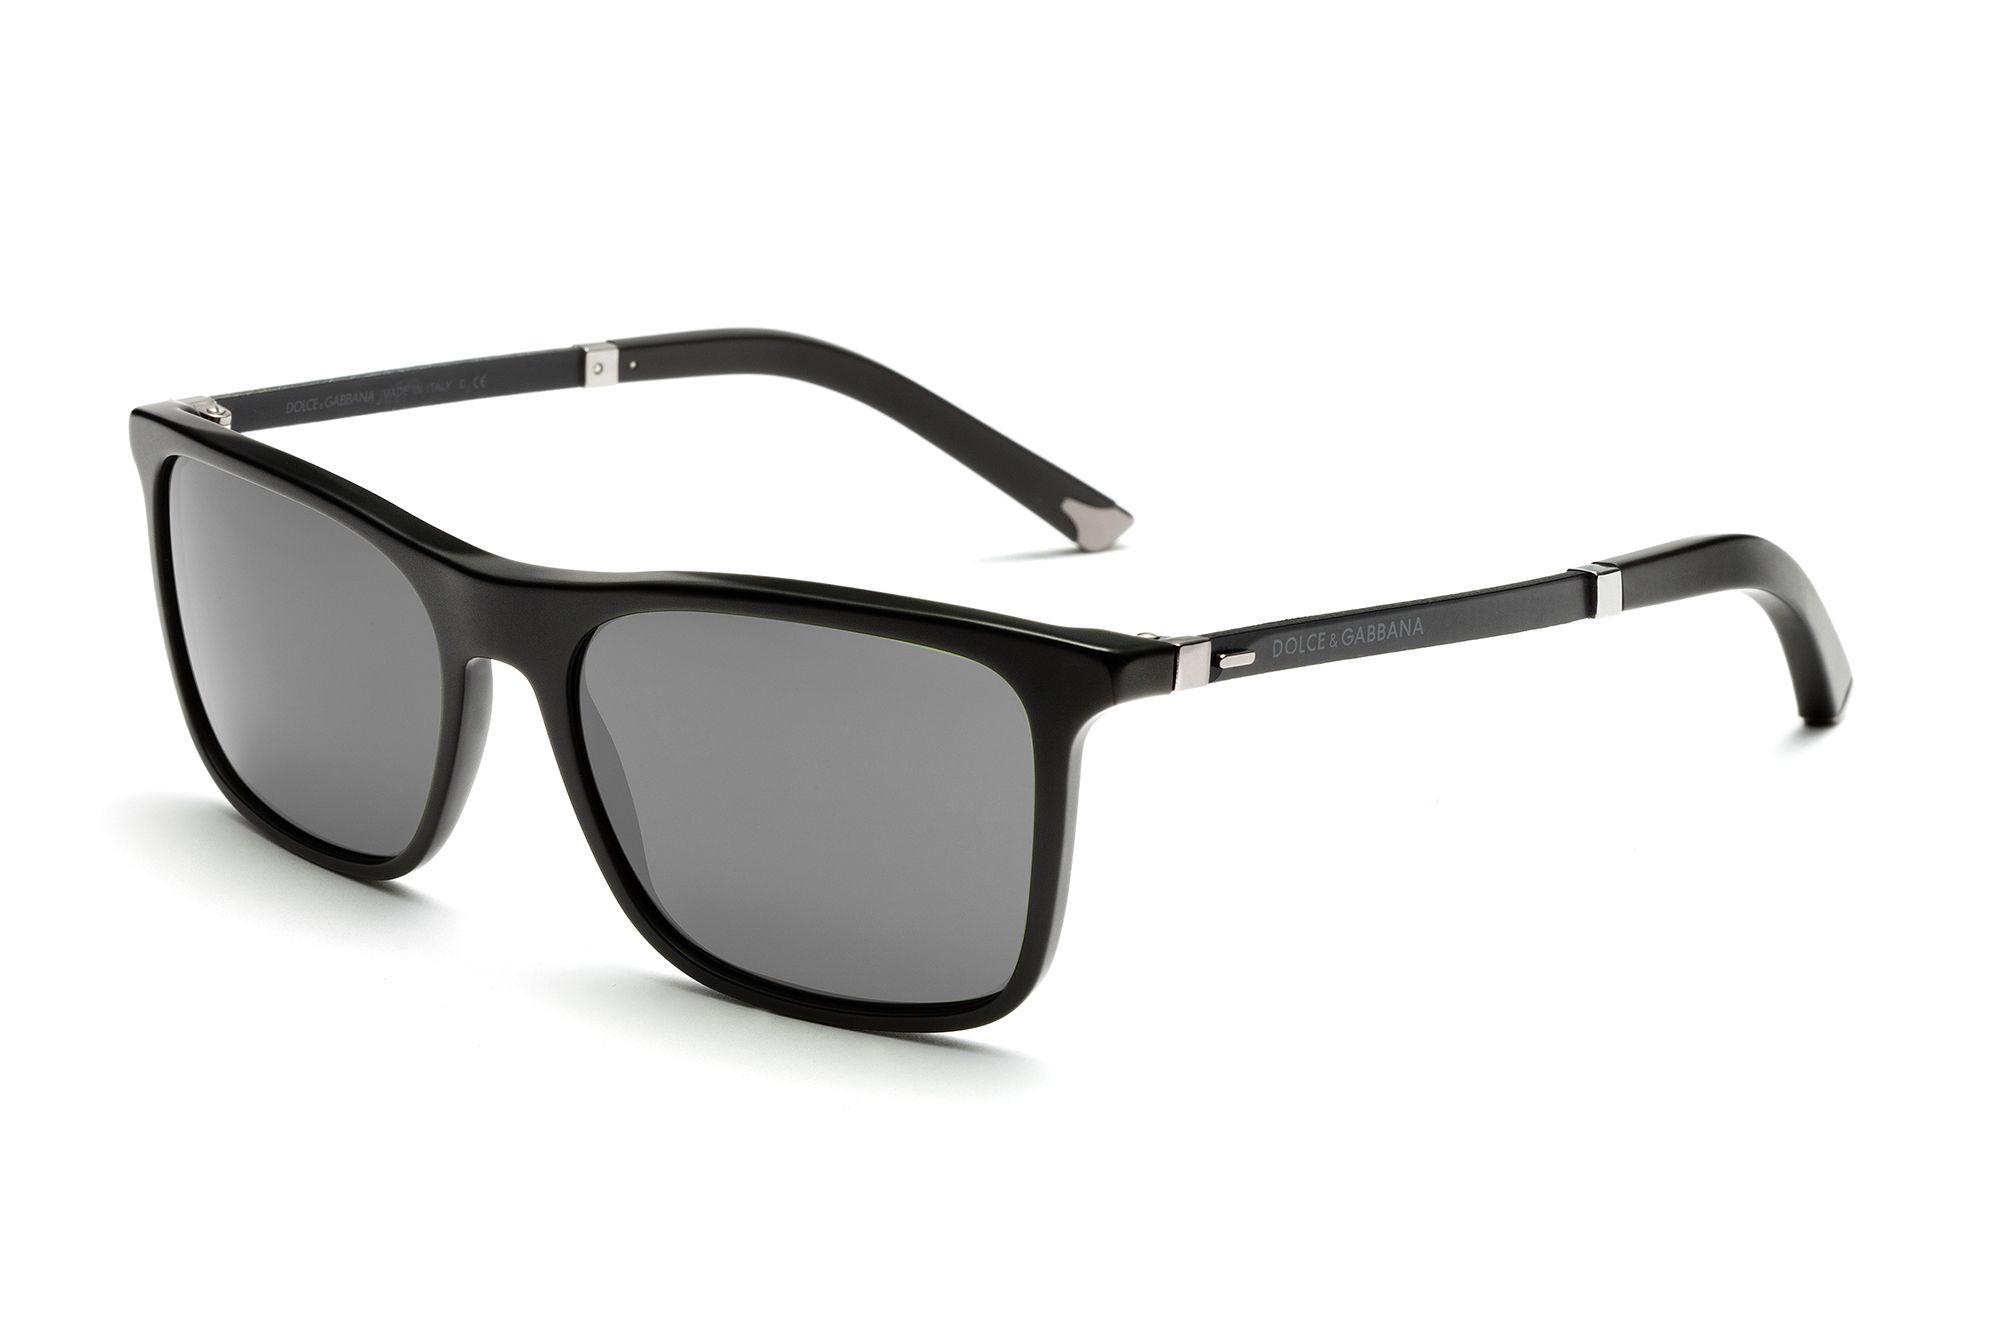 350e4babe8cd Pin by Ascot Sunglasses   Accessories on DG Basalto   Rubber Skin ...